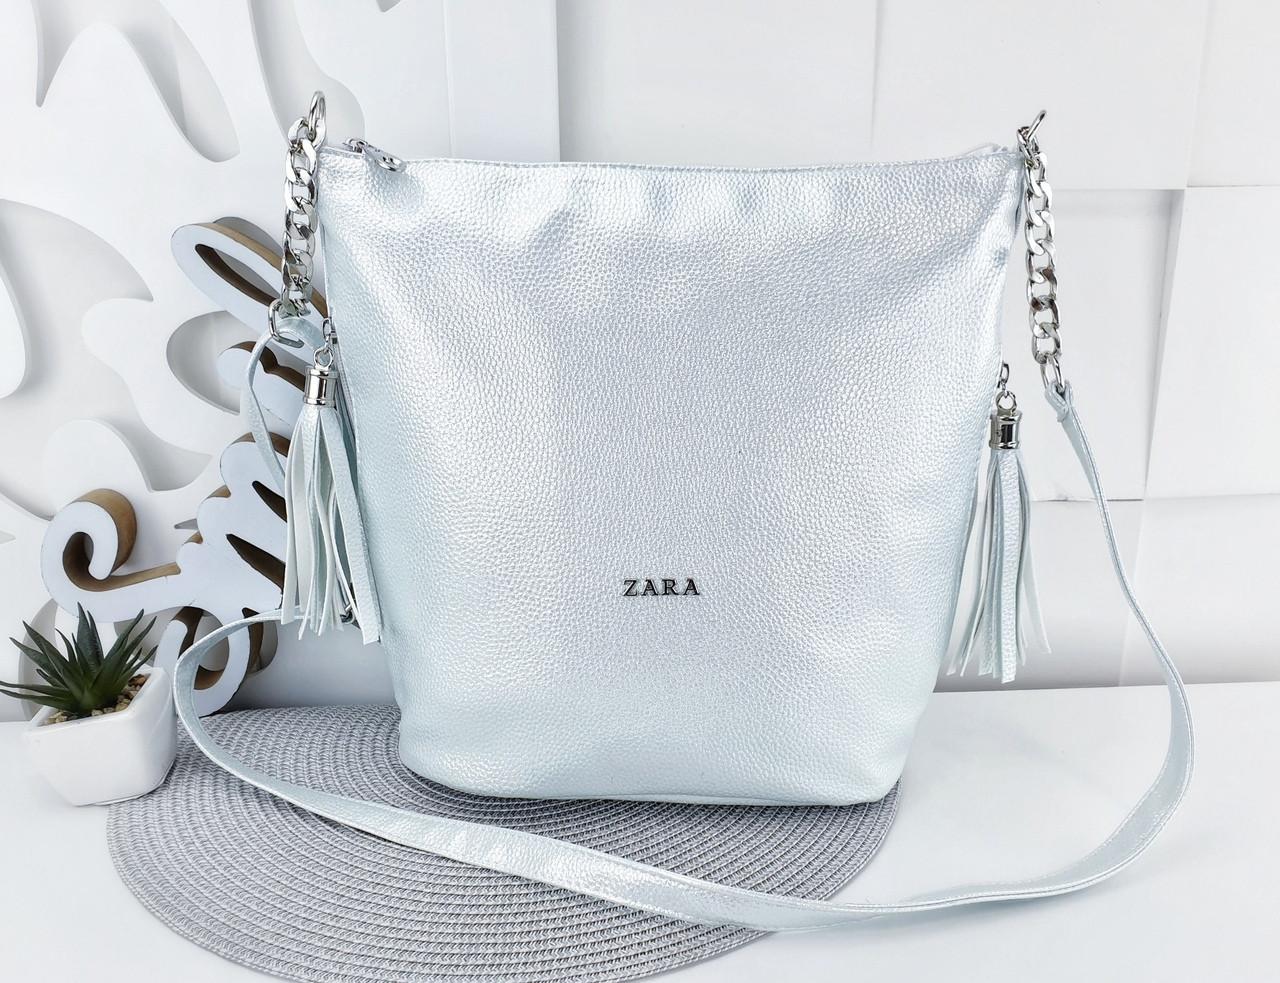 c1a200ae6c81 Женская сумка Zara (копия)светло-голубого цвета с переливом, из структурной  эко